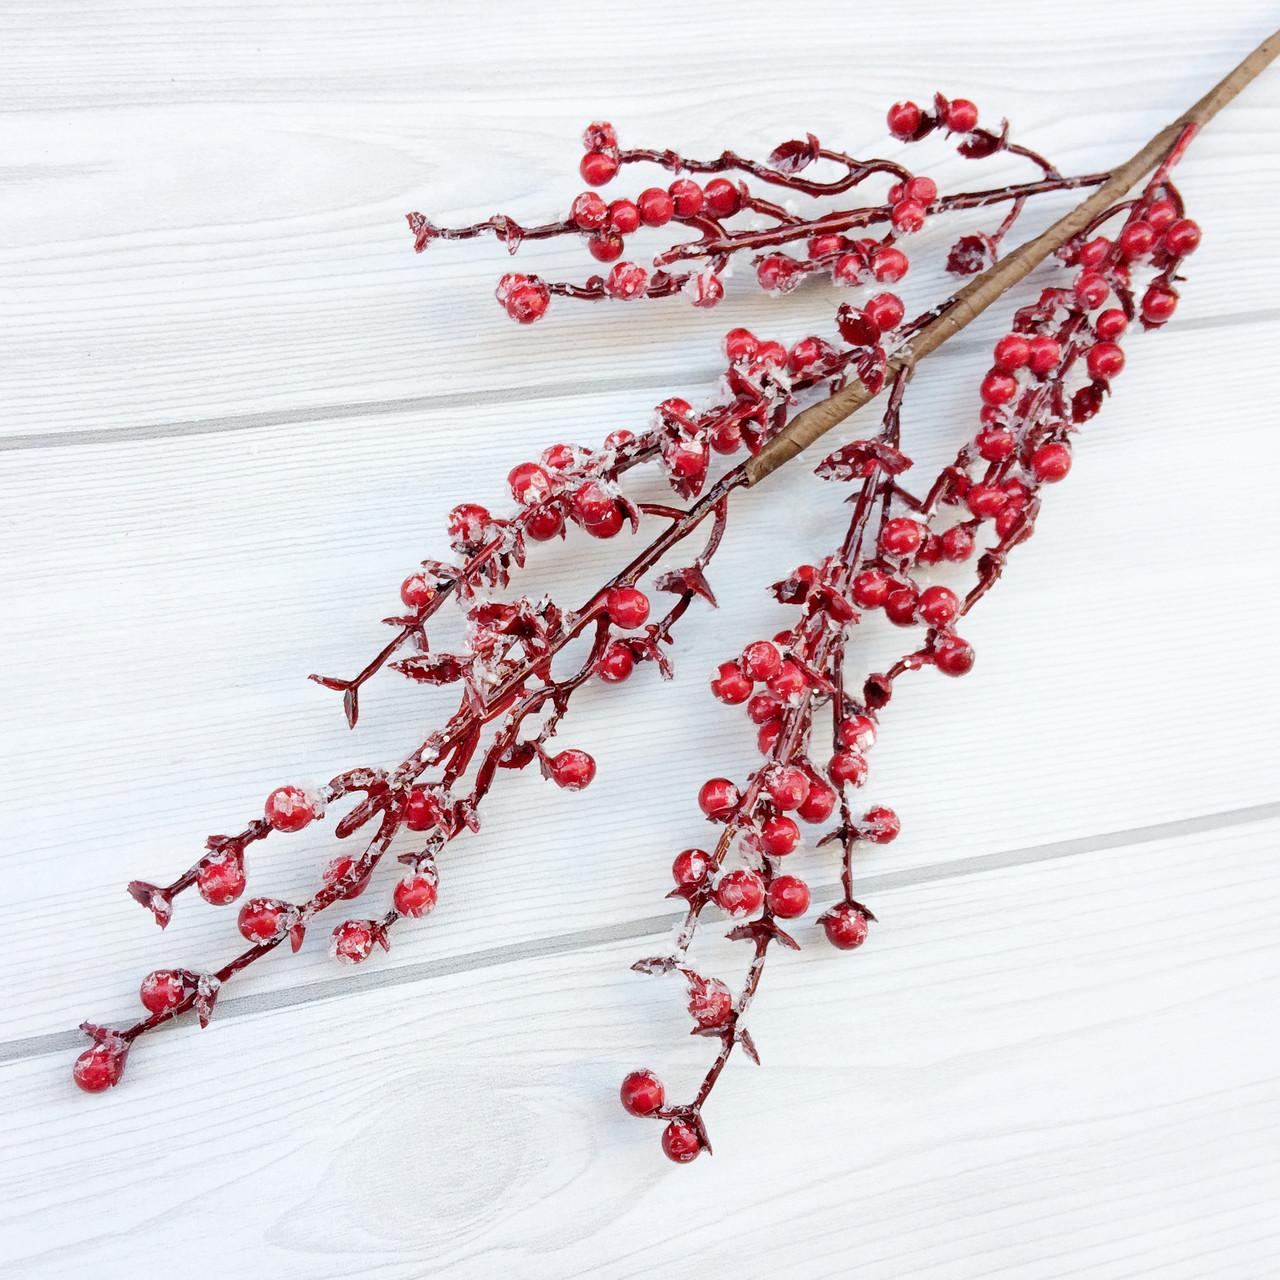 Ветка красных ягод обледеневших 40 см